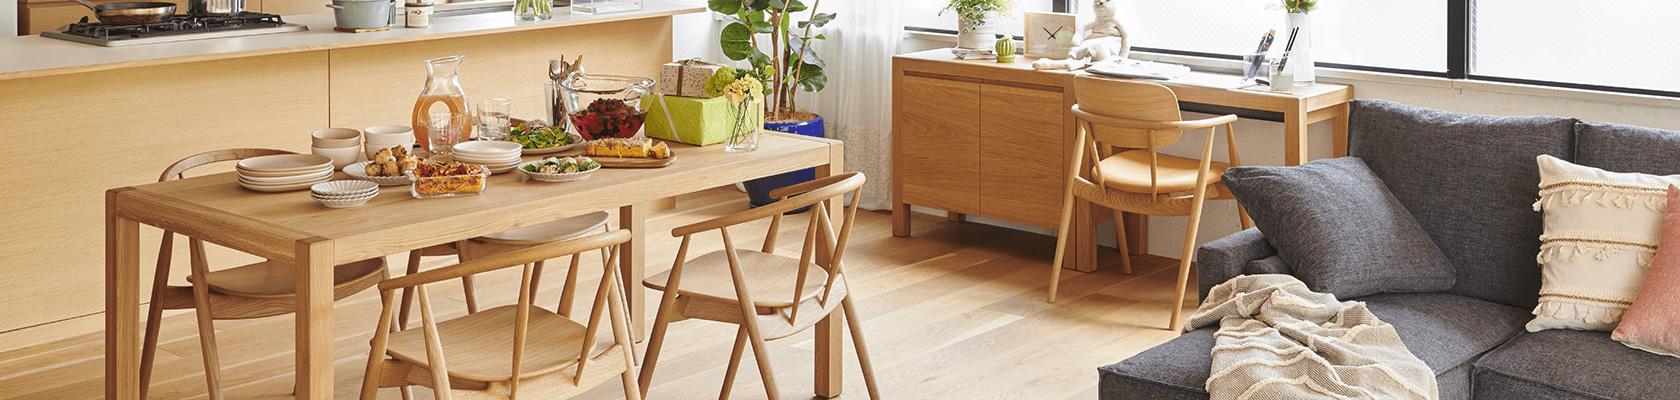 オンライン相談「おうちでインテリア相談サービス」で家具選びのお悩みにお答えします